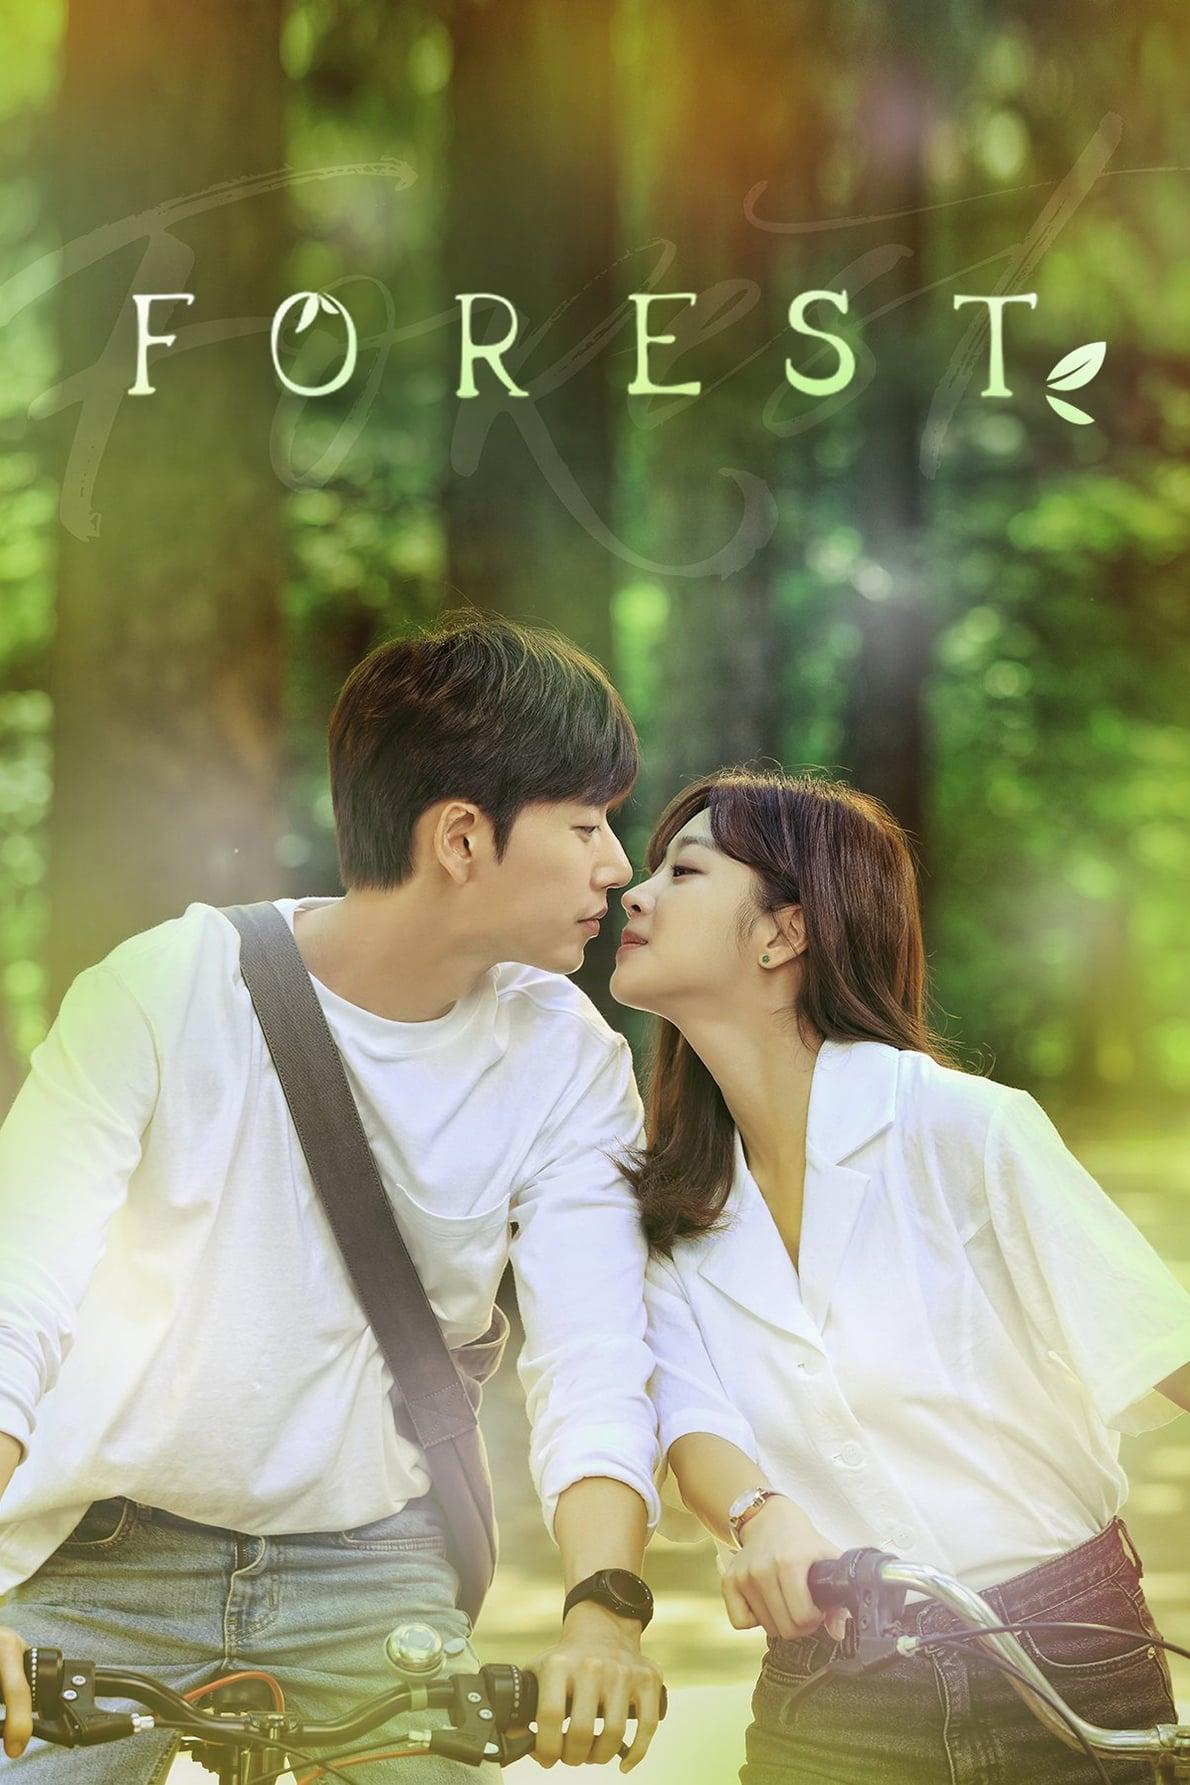 포레스트 TV Shows About Forest